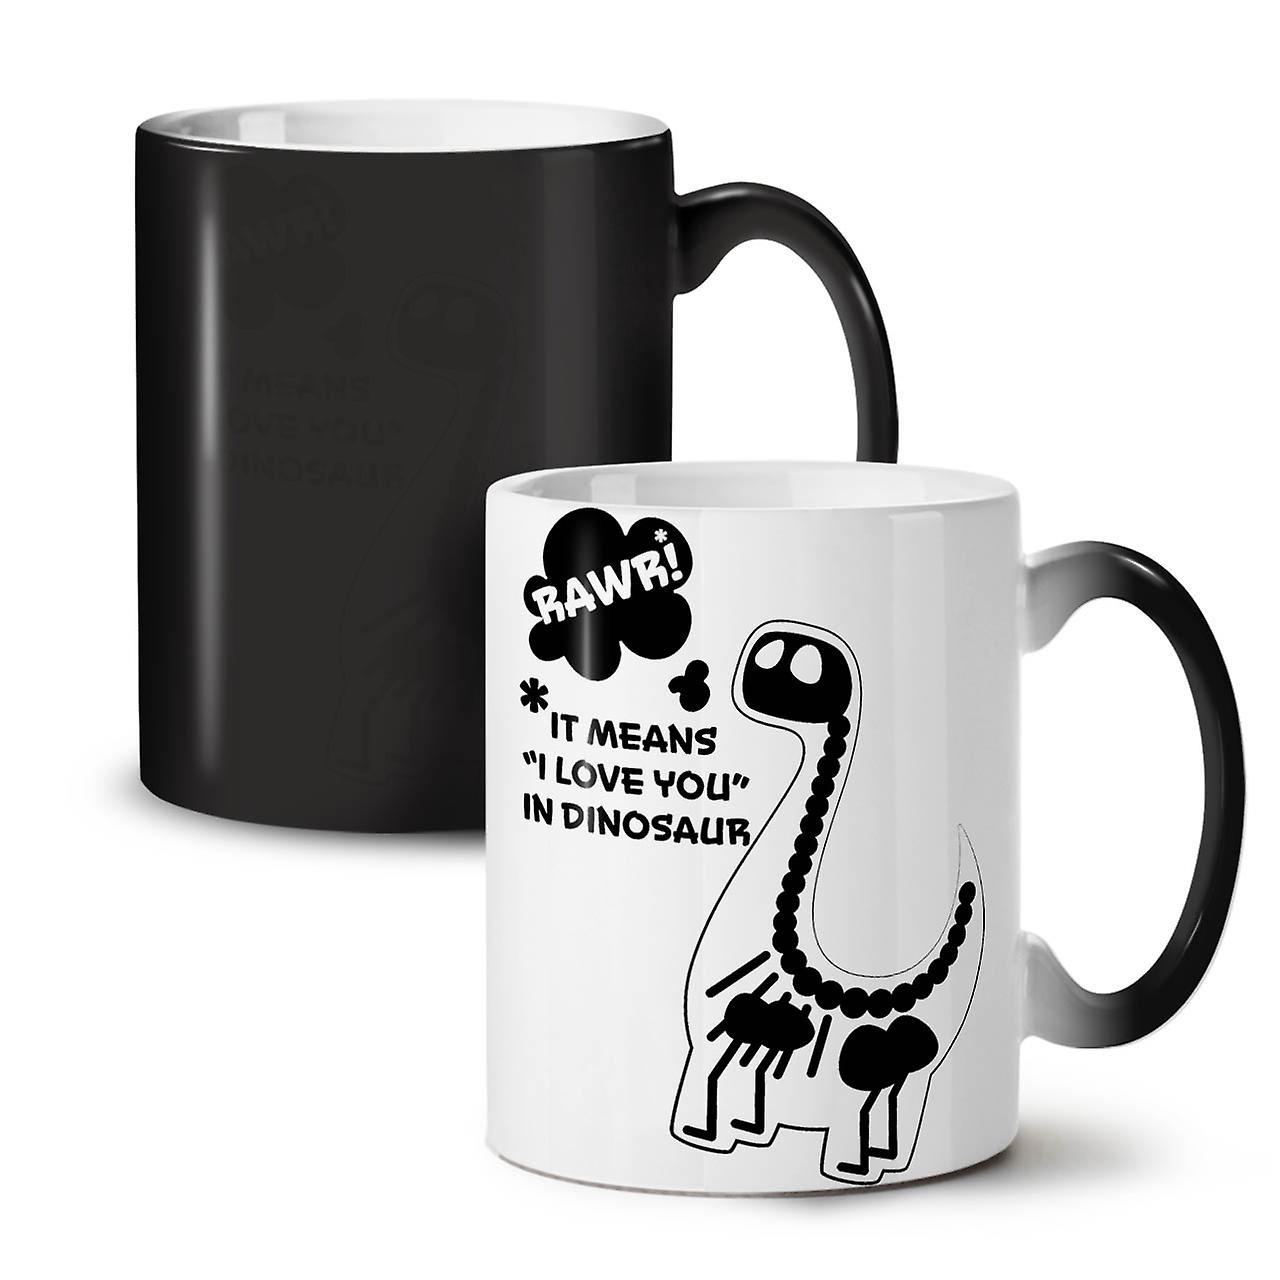 Noire OzWellcoda Dinosaur Thé Céramique Tasse Nouvelle Couleur Café 11 Rawr Changeant T'aime OZuPTkiX